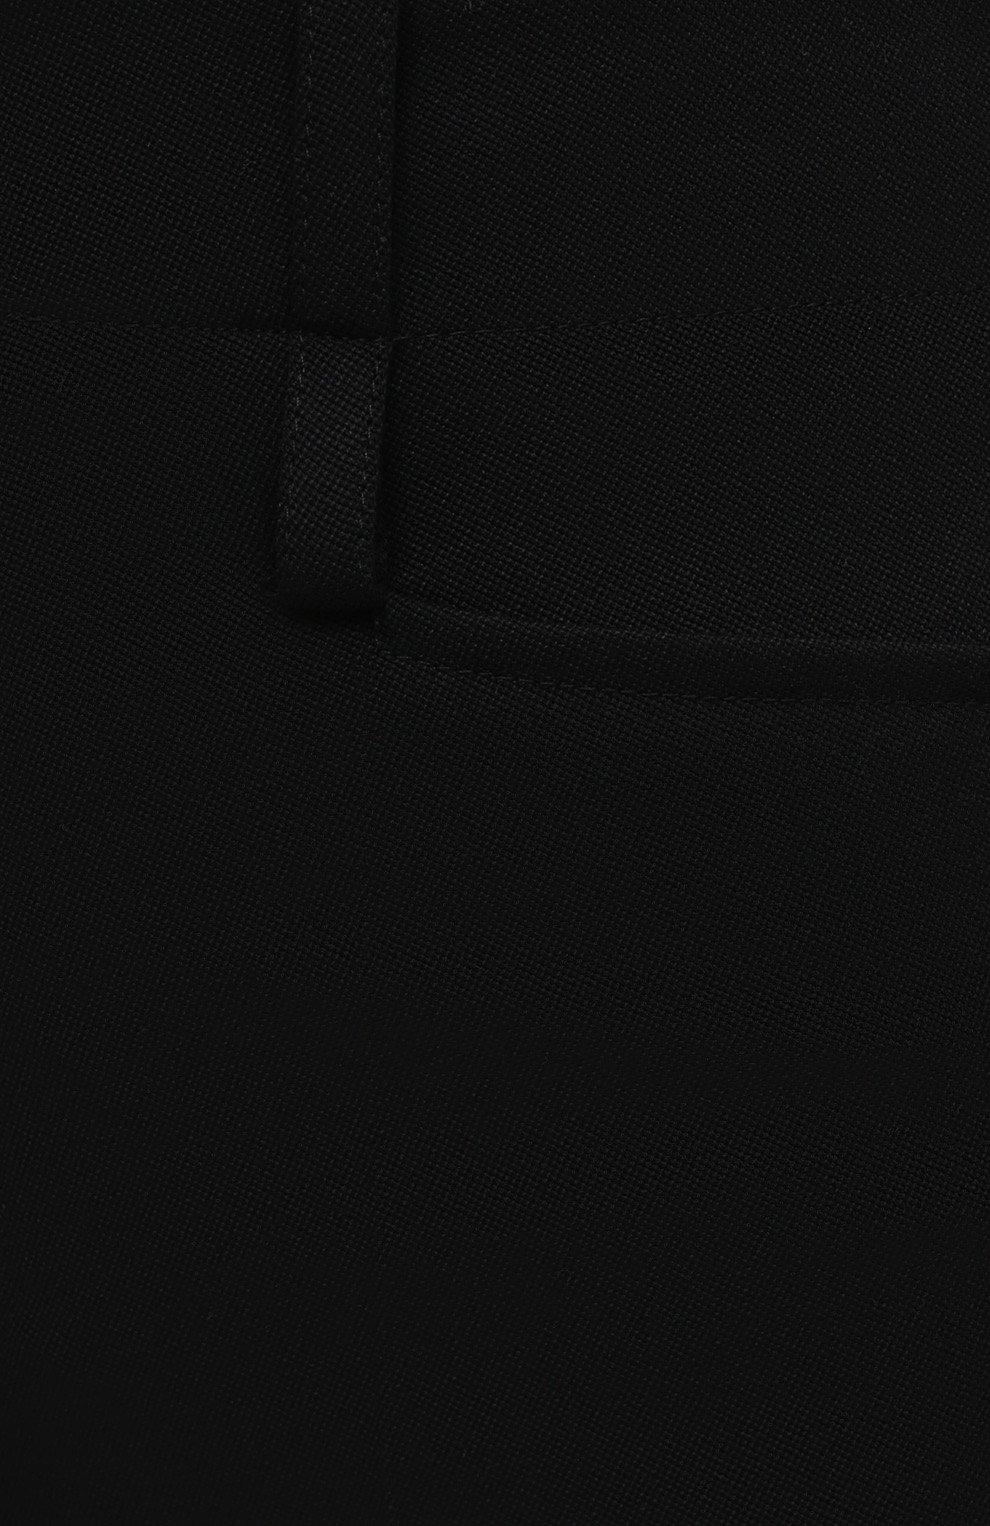 Женские шерстяные шорты CHLOÉ черного цвета, арт. CHC20WSH01066 | Фото 5 (Женское Кросс-КТ: Шорты-одежда; Материал внешний: Шерсть; Кросс-КТ: Широкие; Длина Ж (юбки, платья, шорты): До колена; Стили: Кэжуэл)